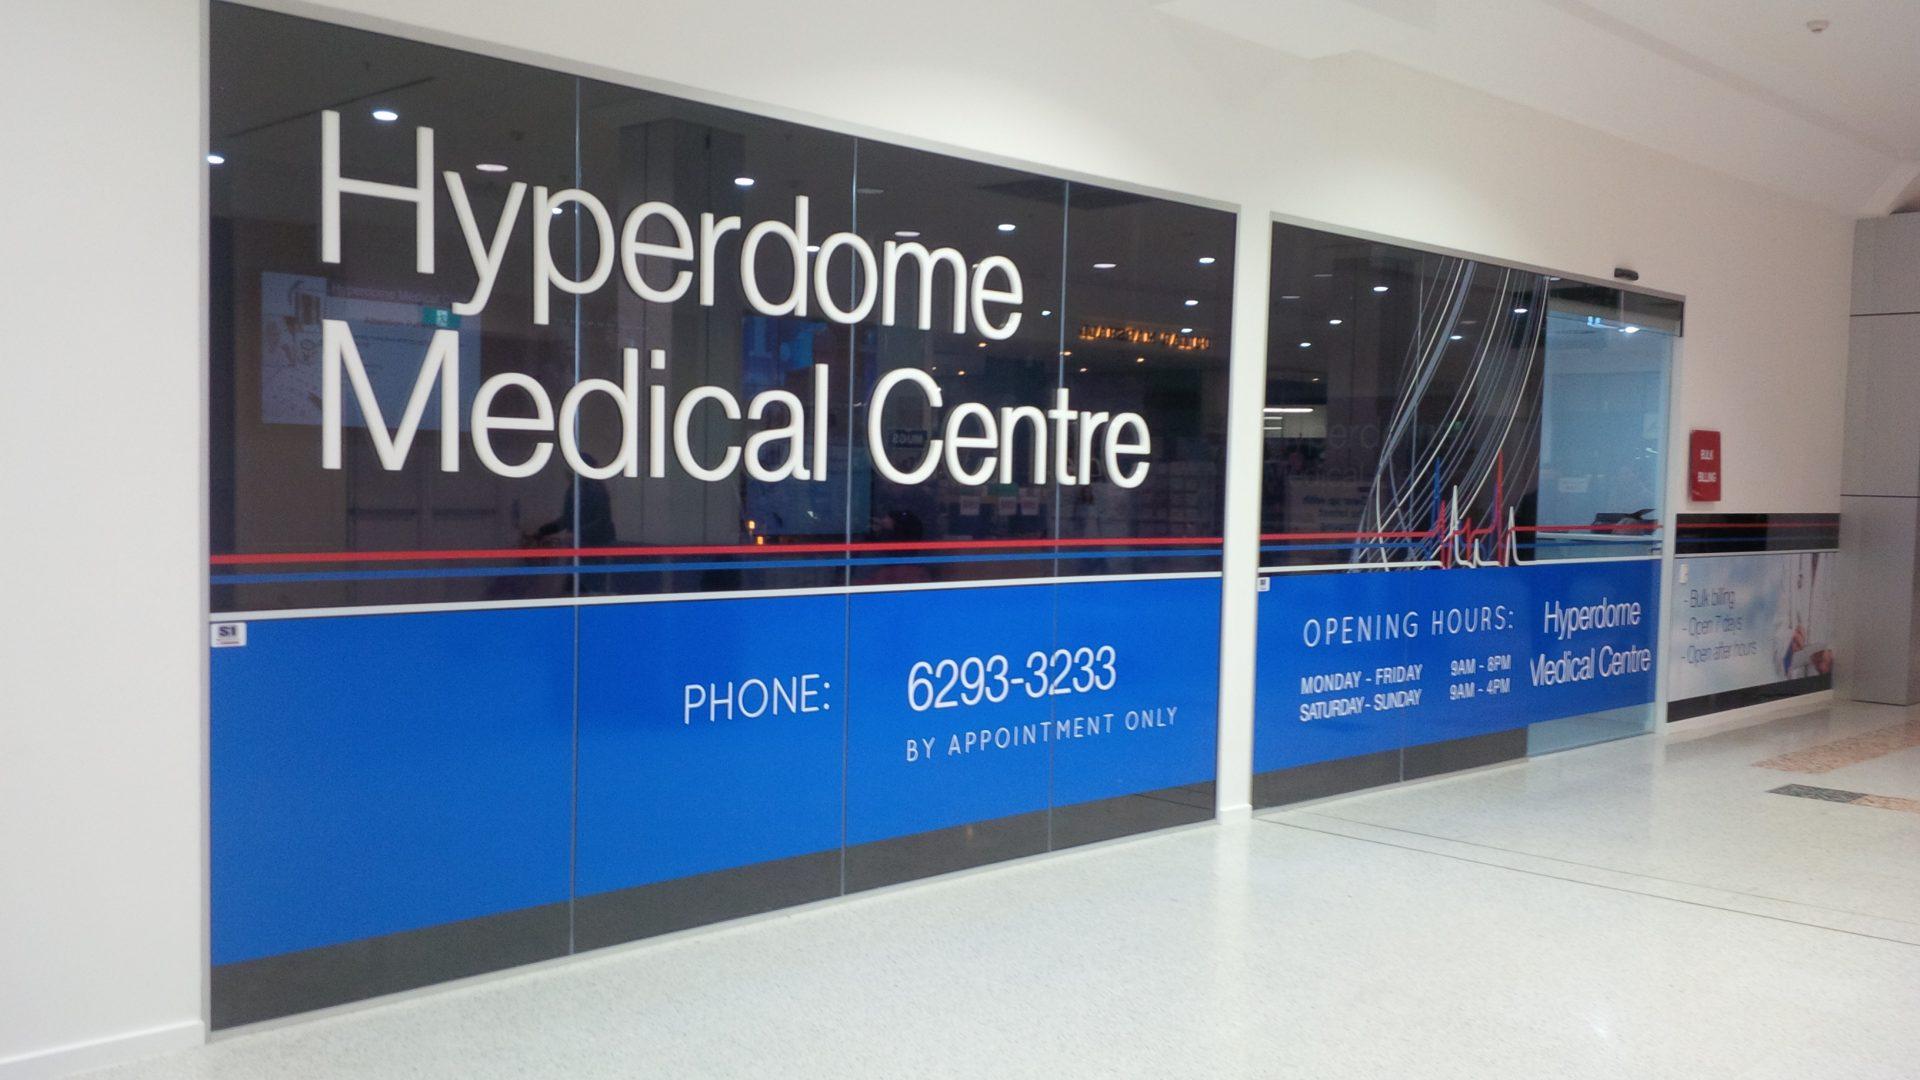 Hyperdome Medical